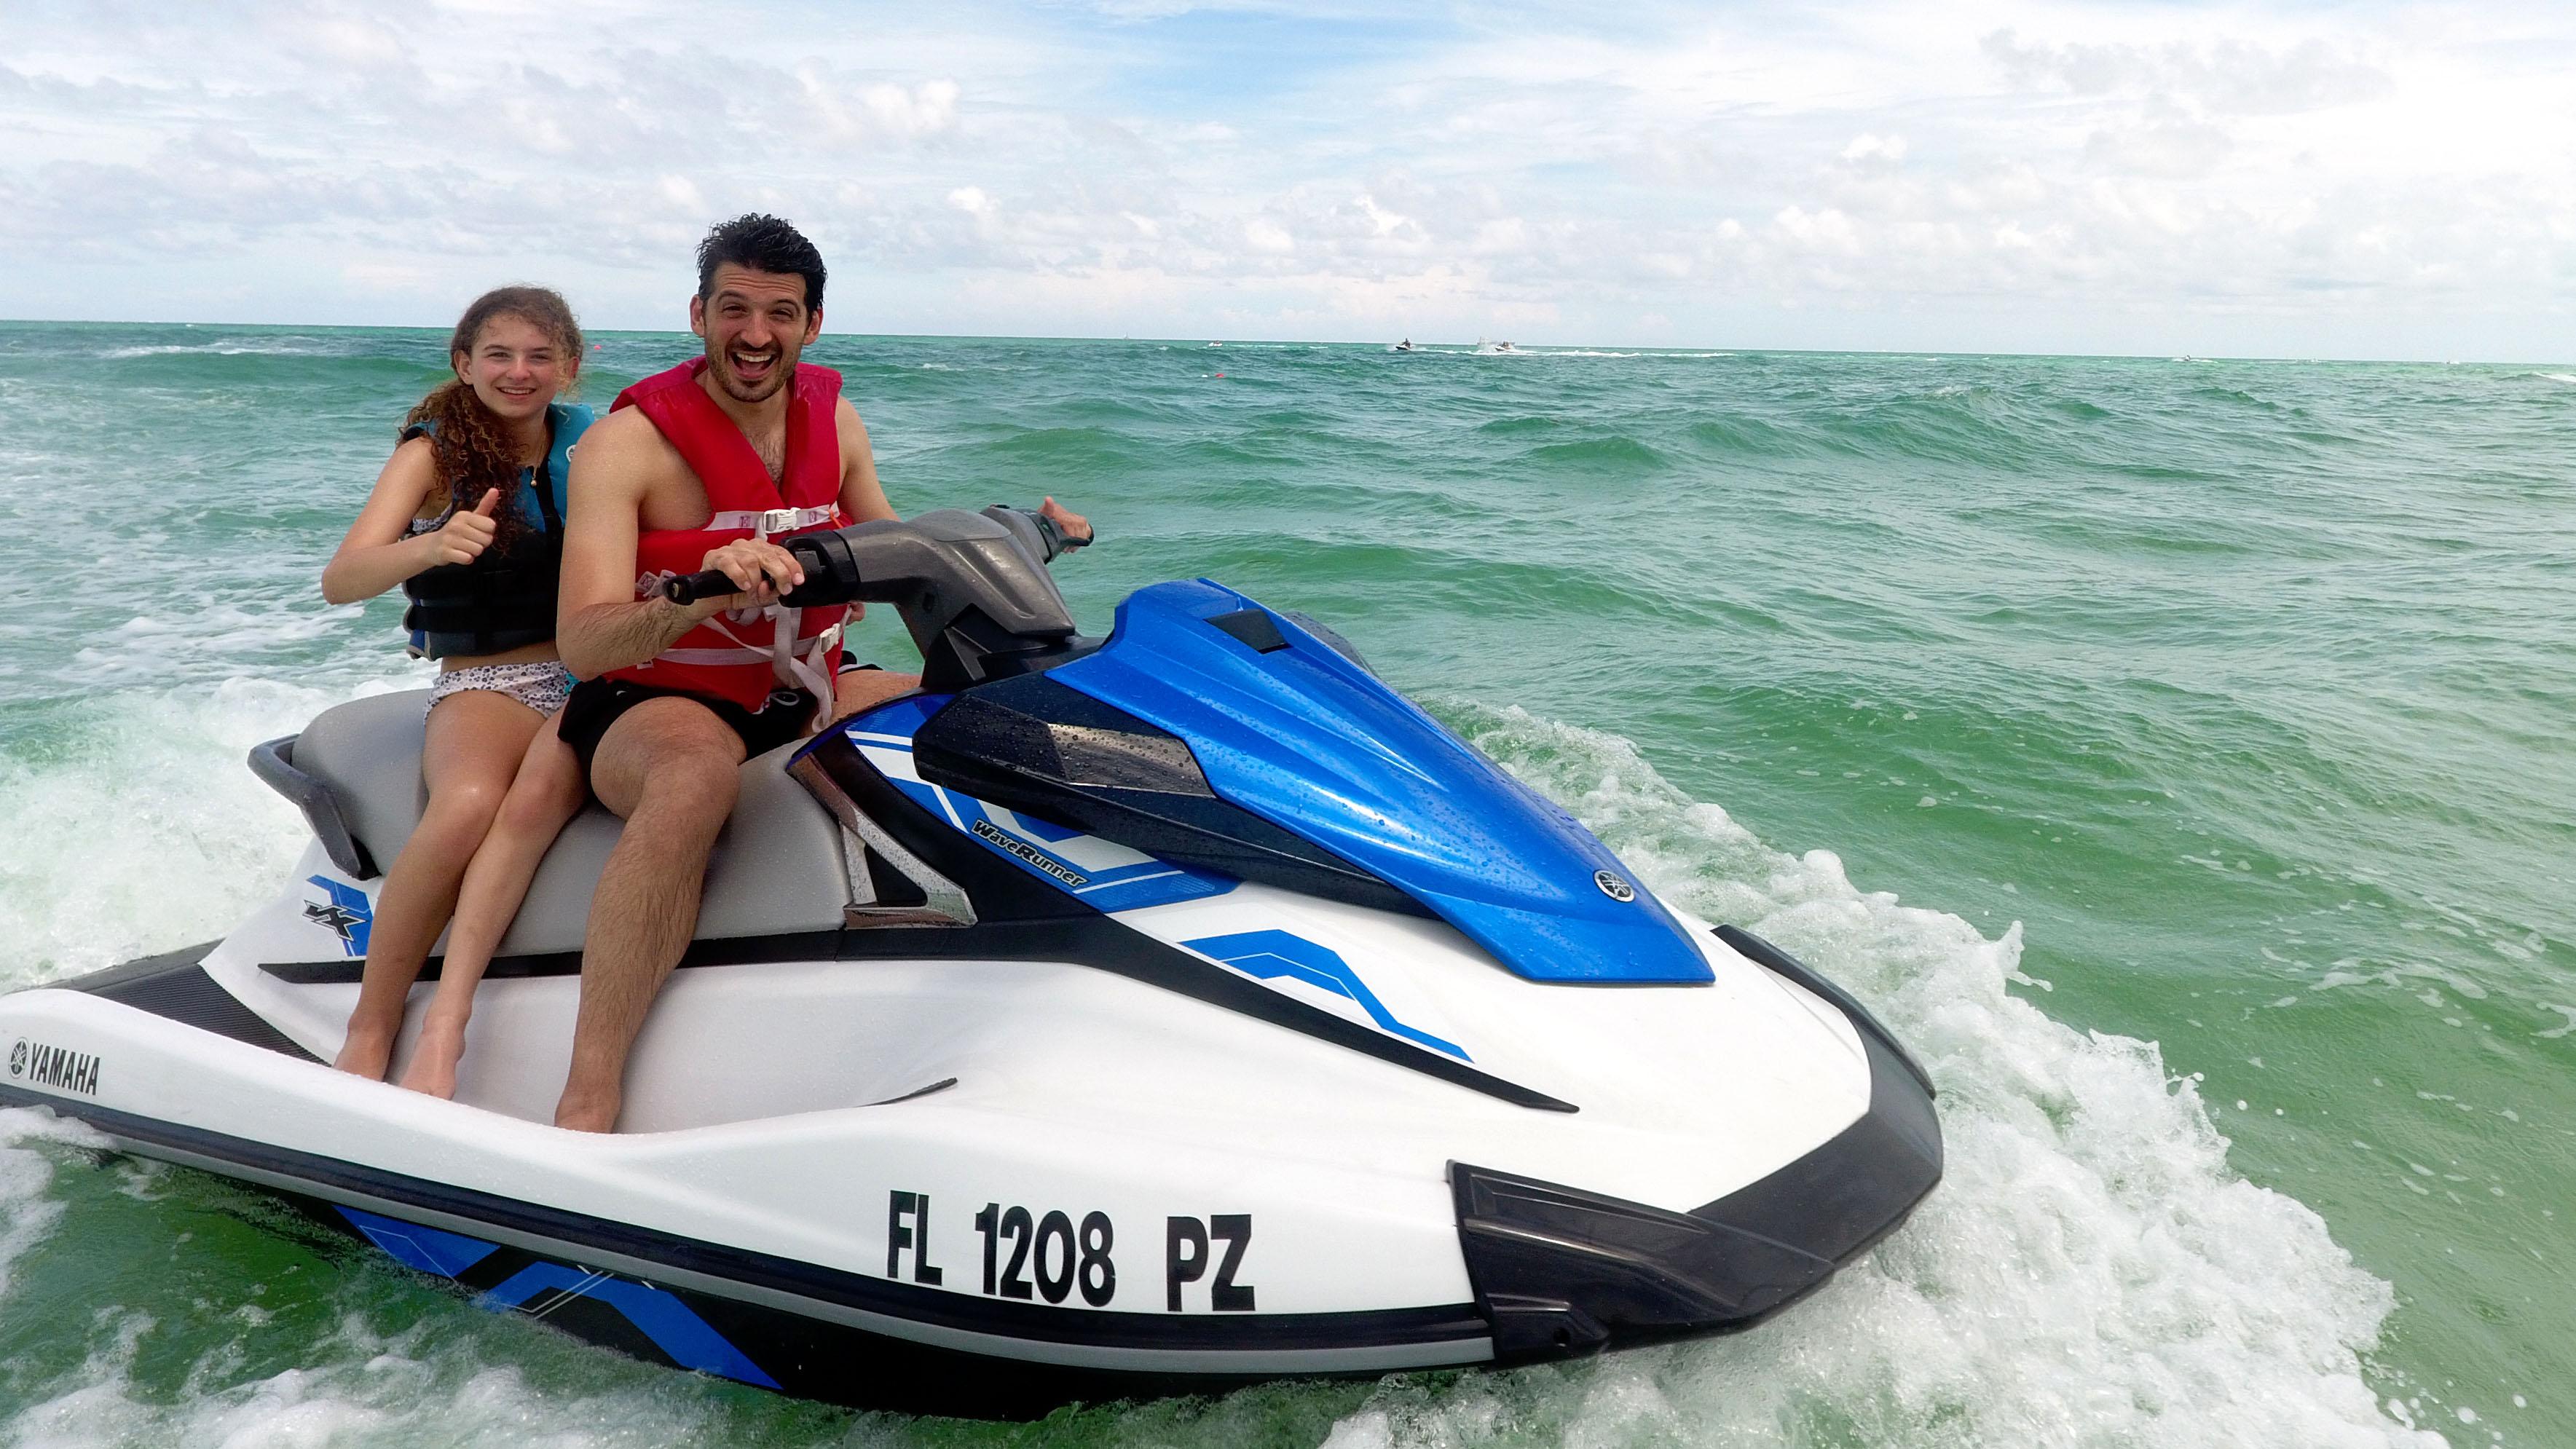 Miami Jet Ski Tour